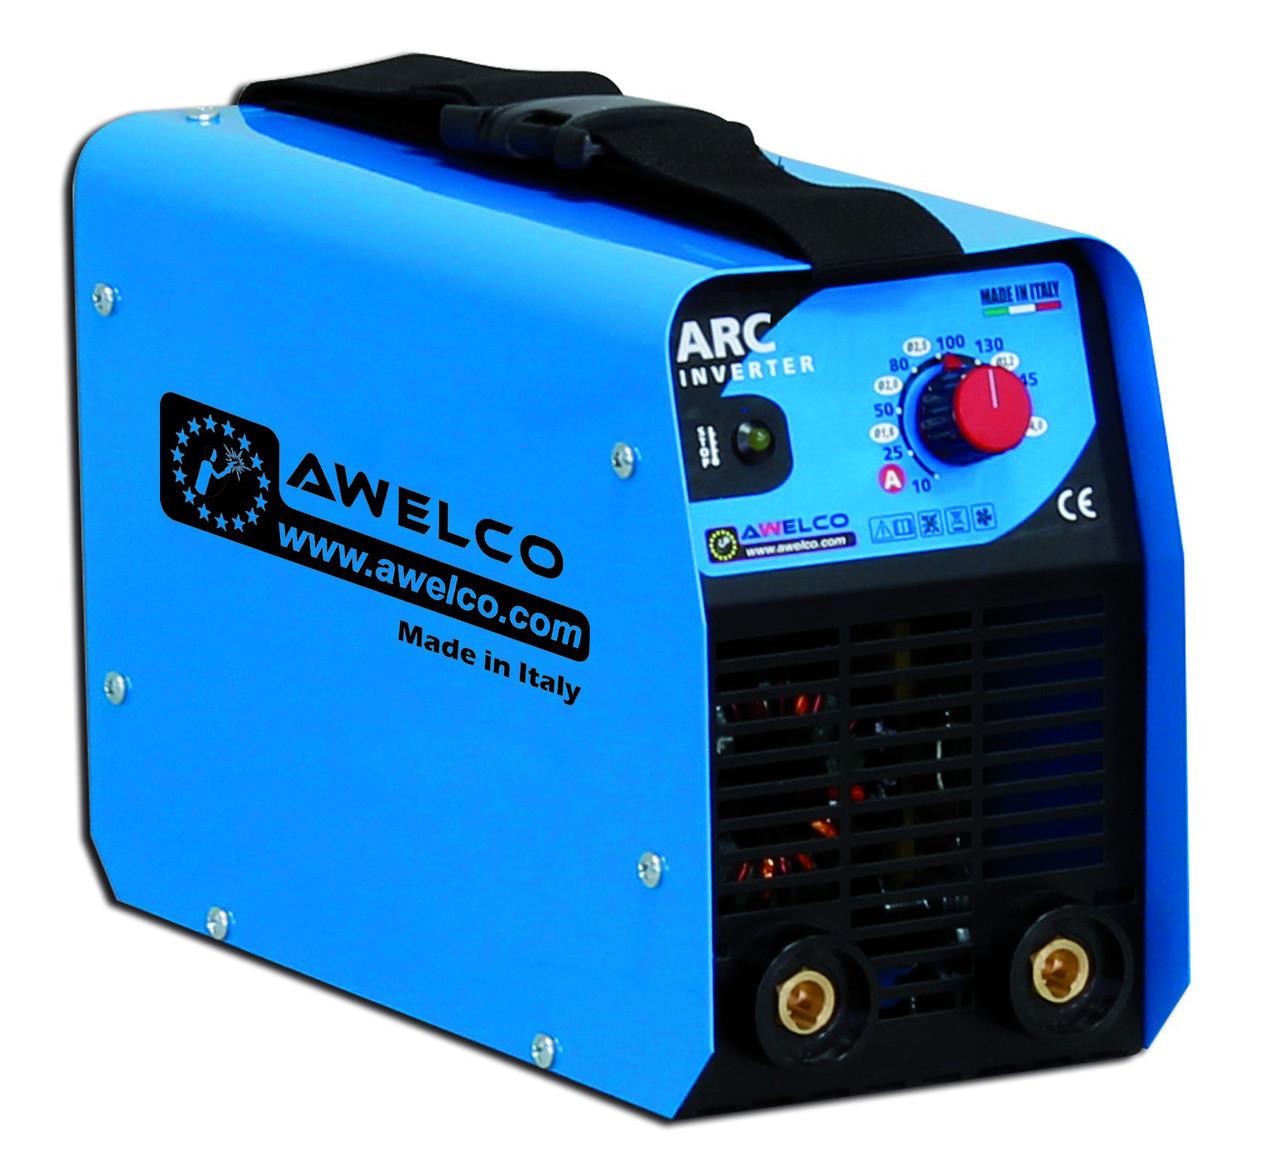 Апарат інверторний зварювальний 51925R Awelco ARC 250 (Італія)